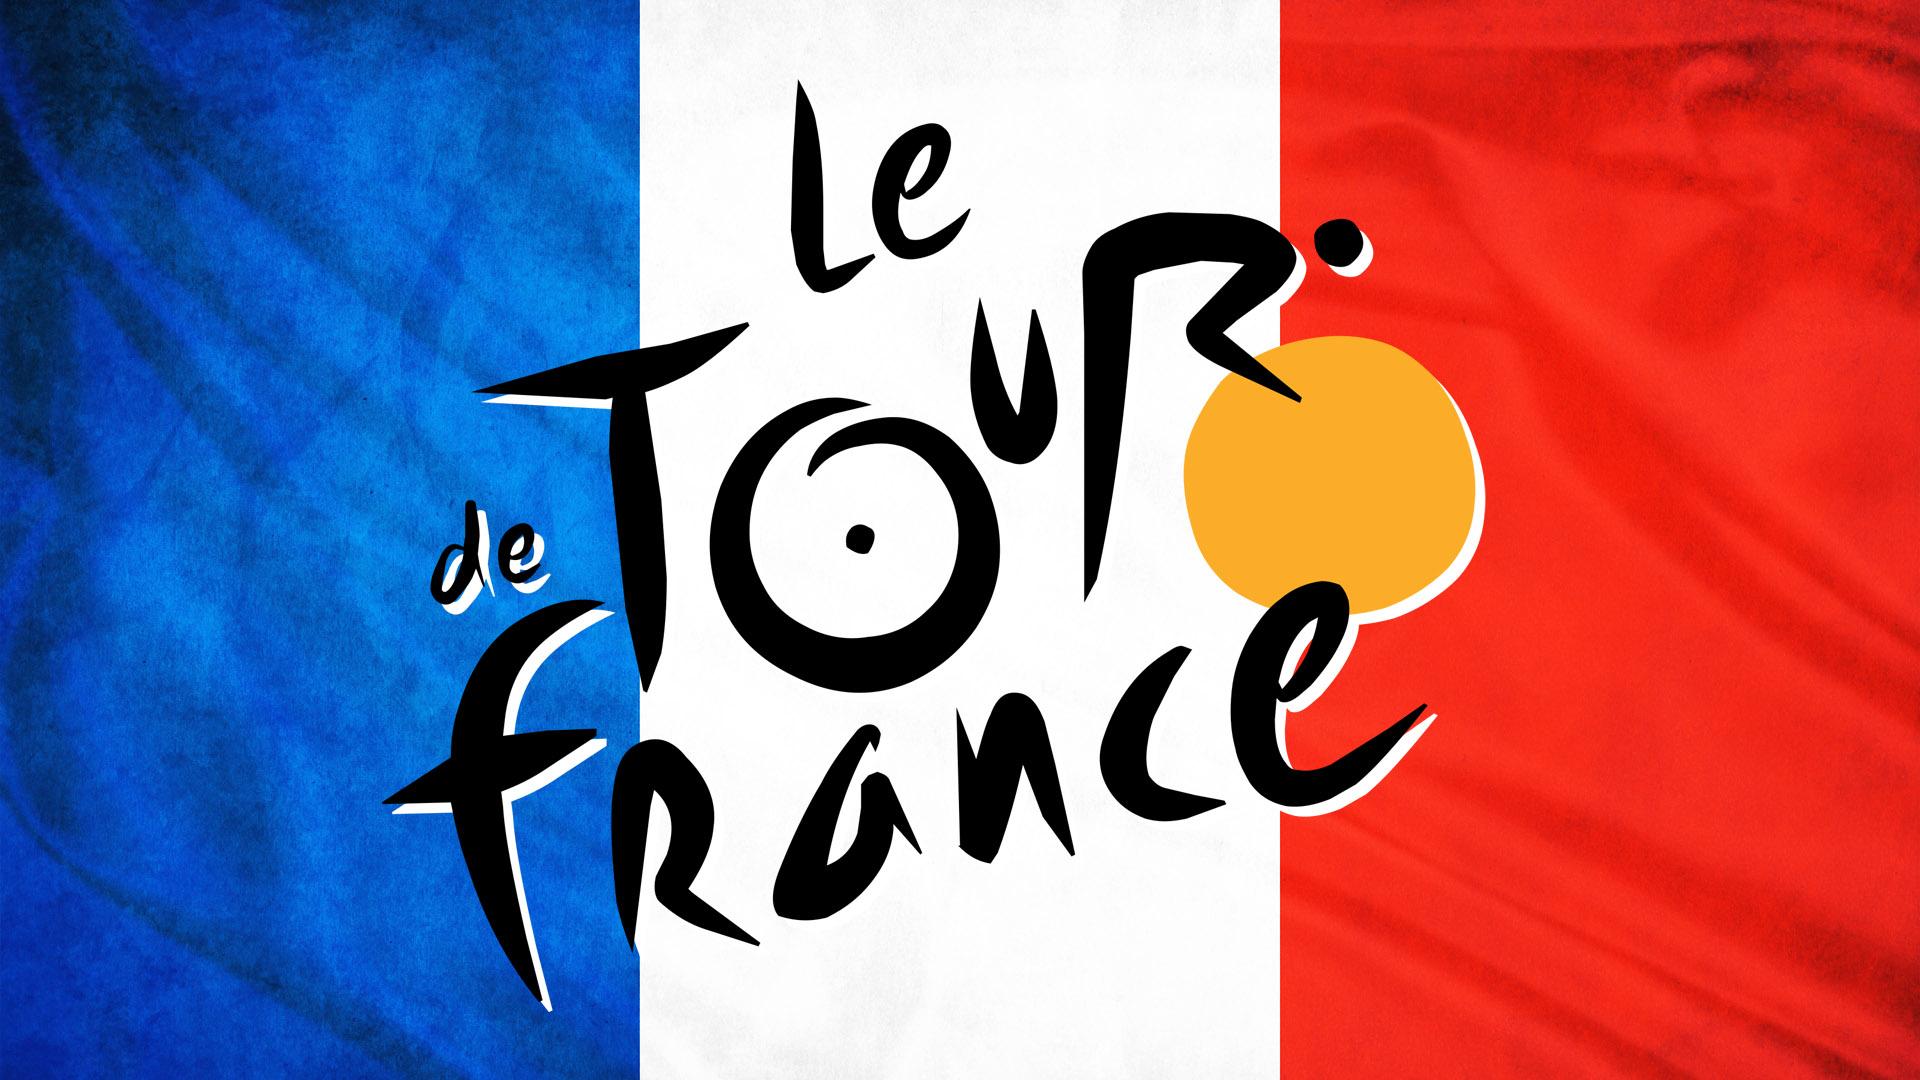 Tour de France logo wallpapers HD